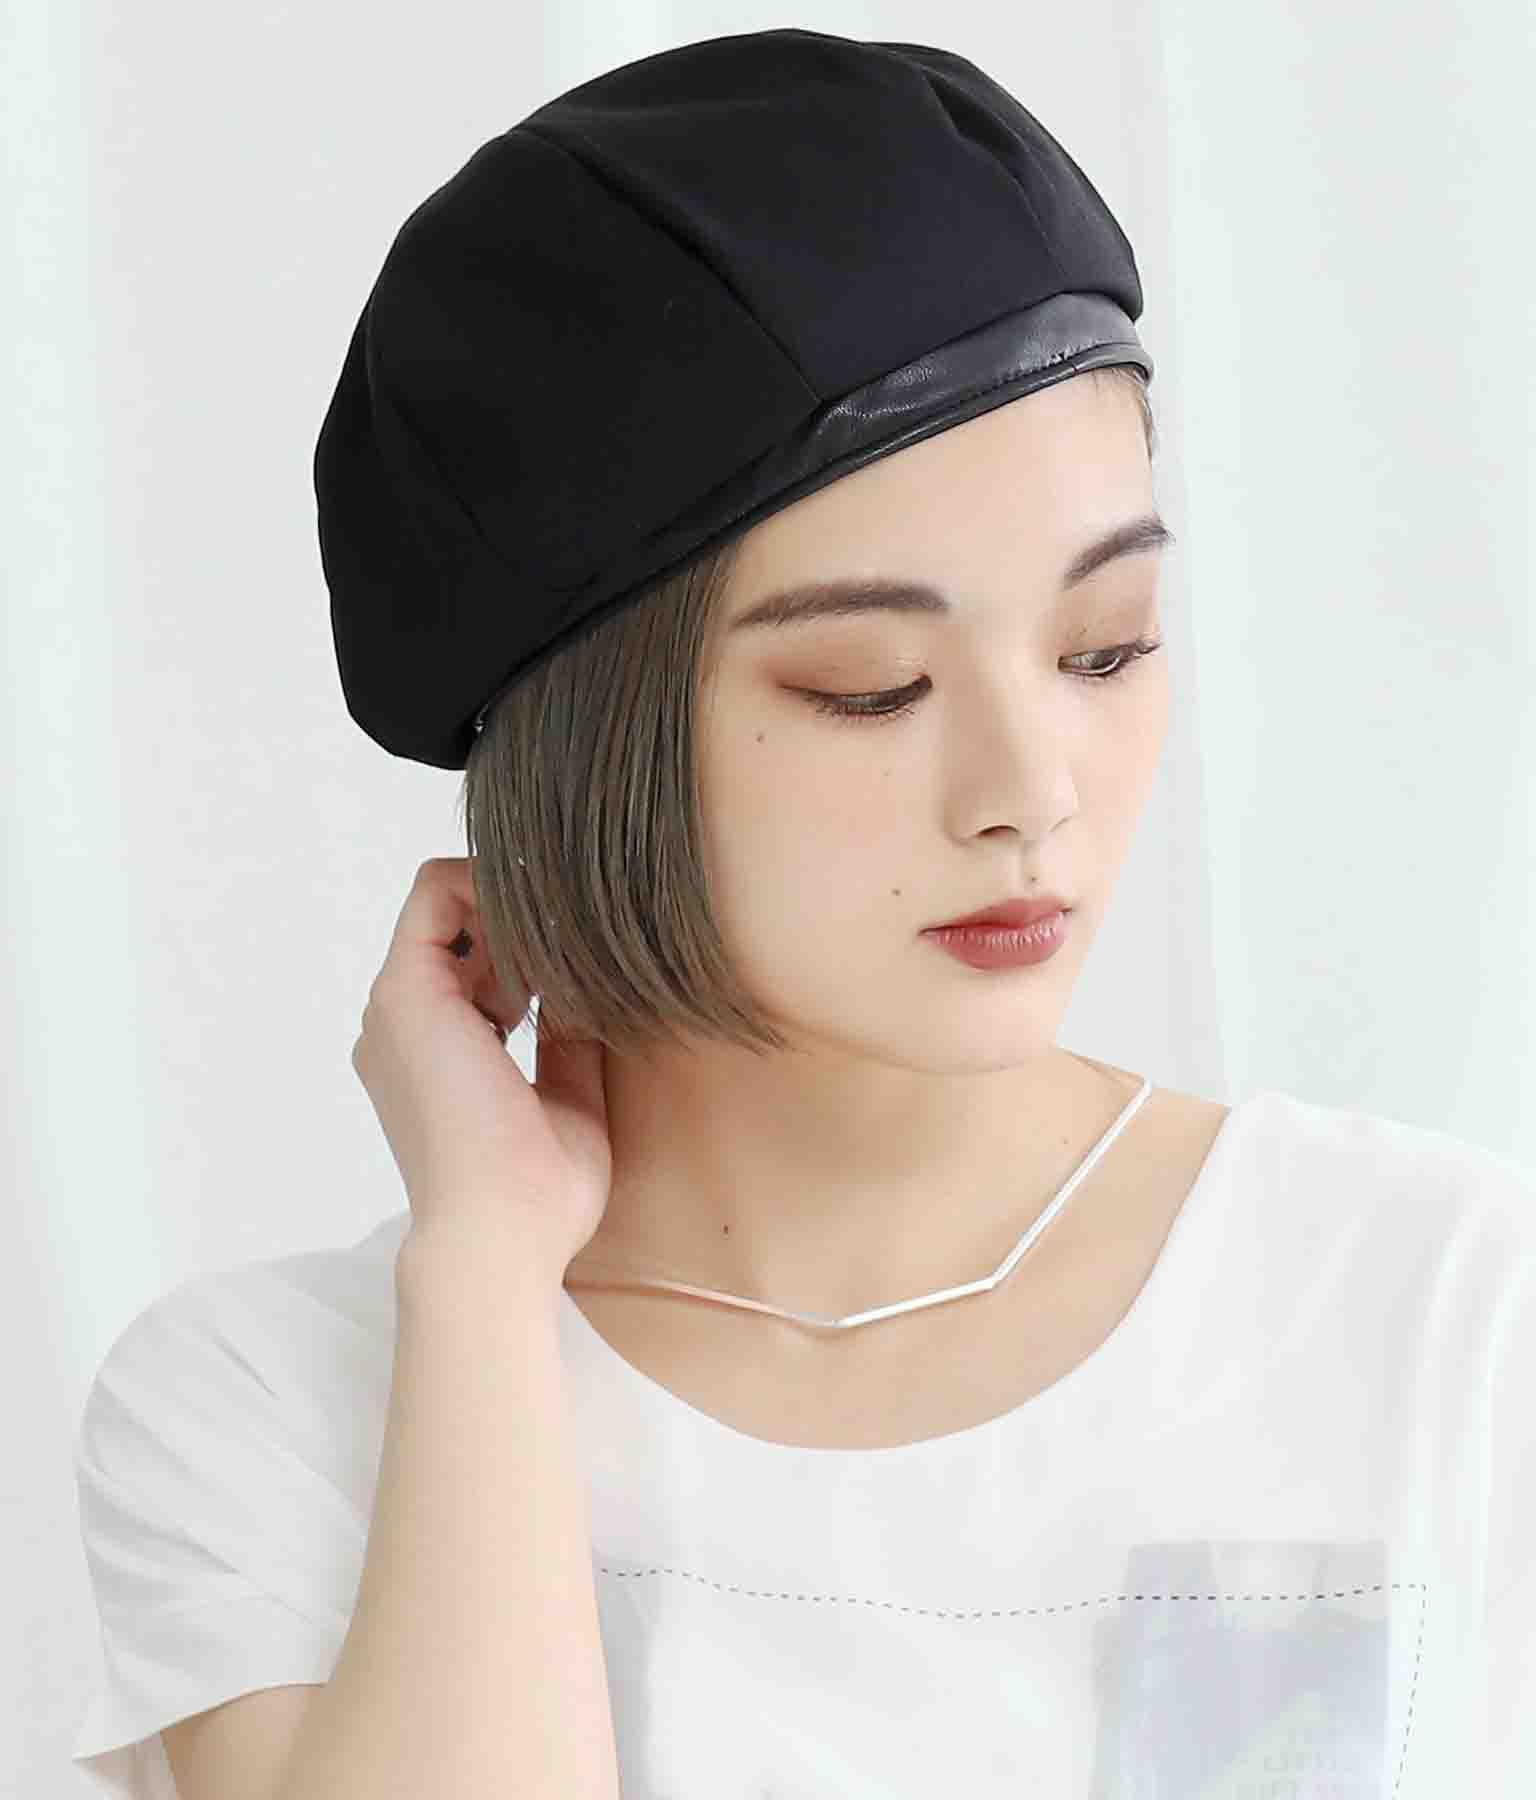 リネンライクパイピングボリュームベレー帽(ファッション雑貨/ハット・キャップ・ニット帽 ・キャスケット・ベレー帽) | Settimissimo